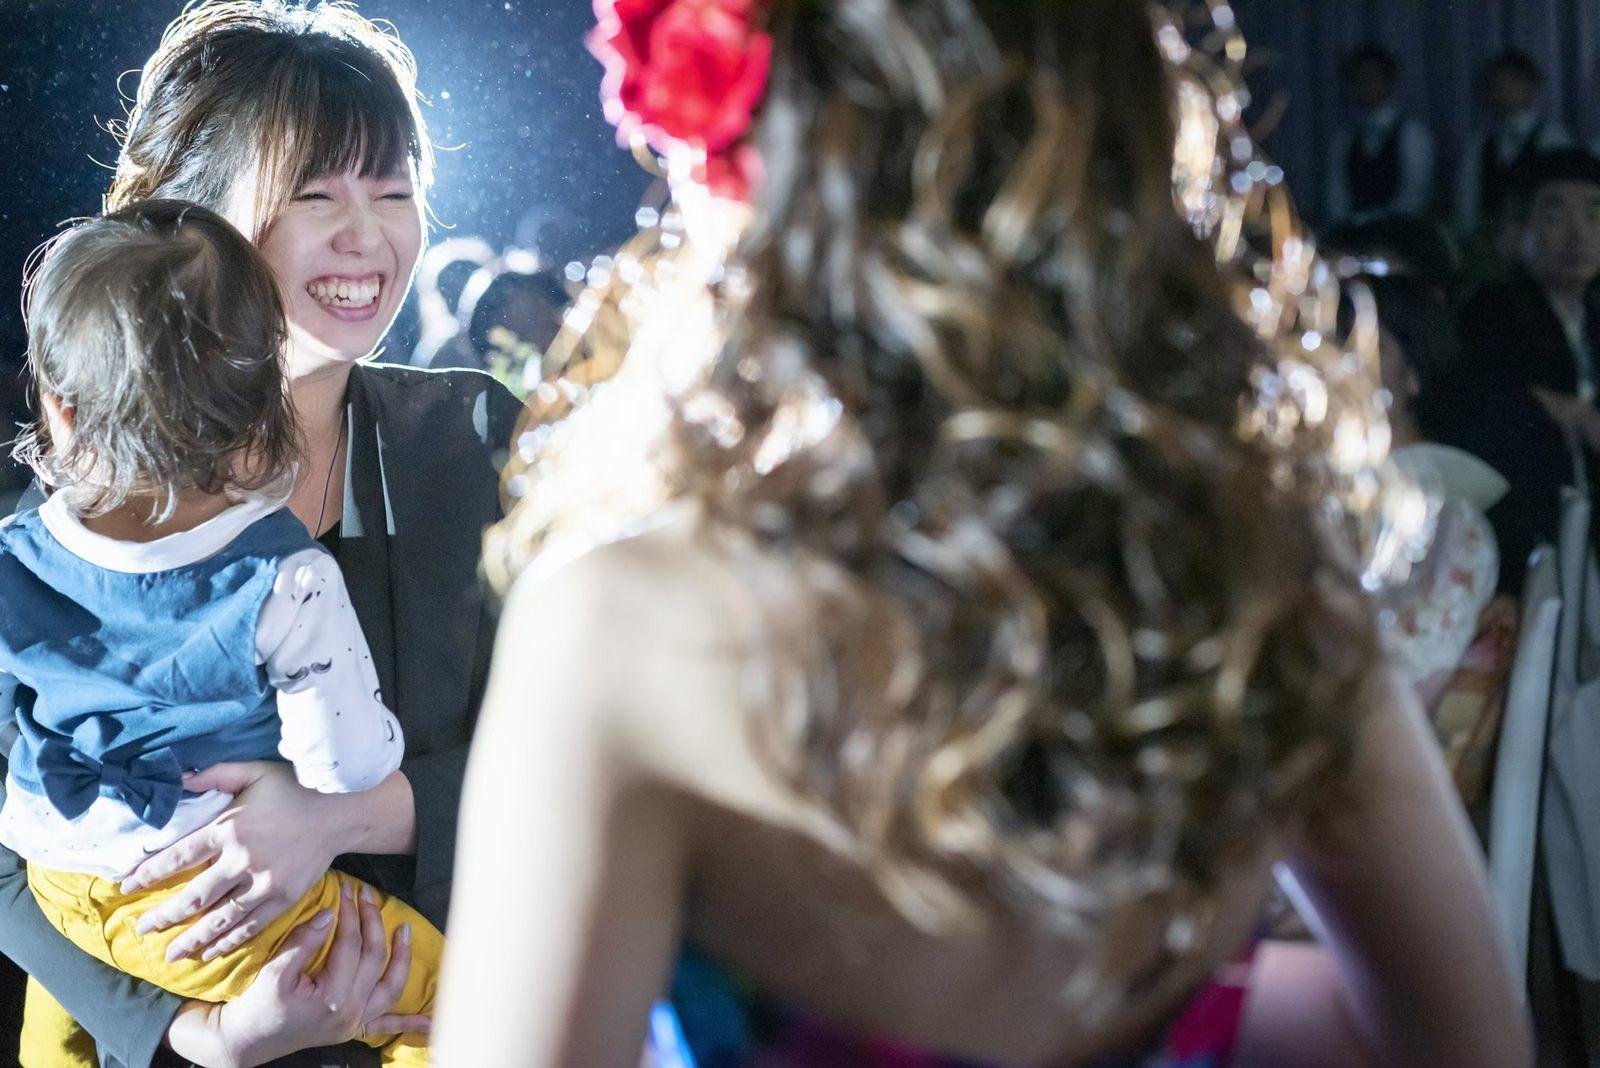 香川県の結婚式場シェルエメール&アイスタイルのプランナーサプライズ